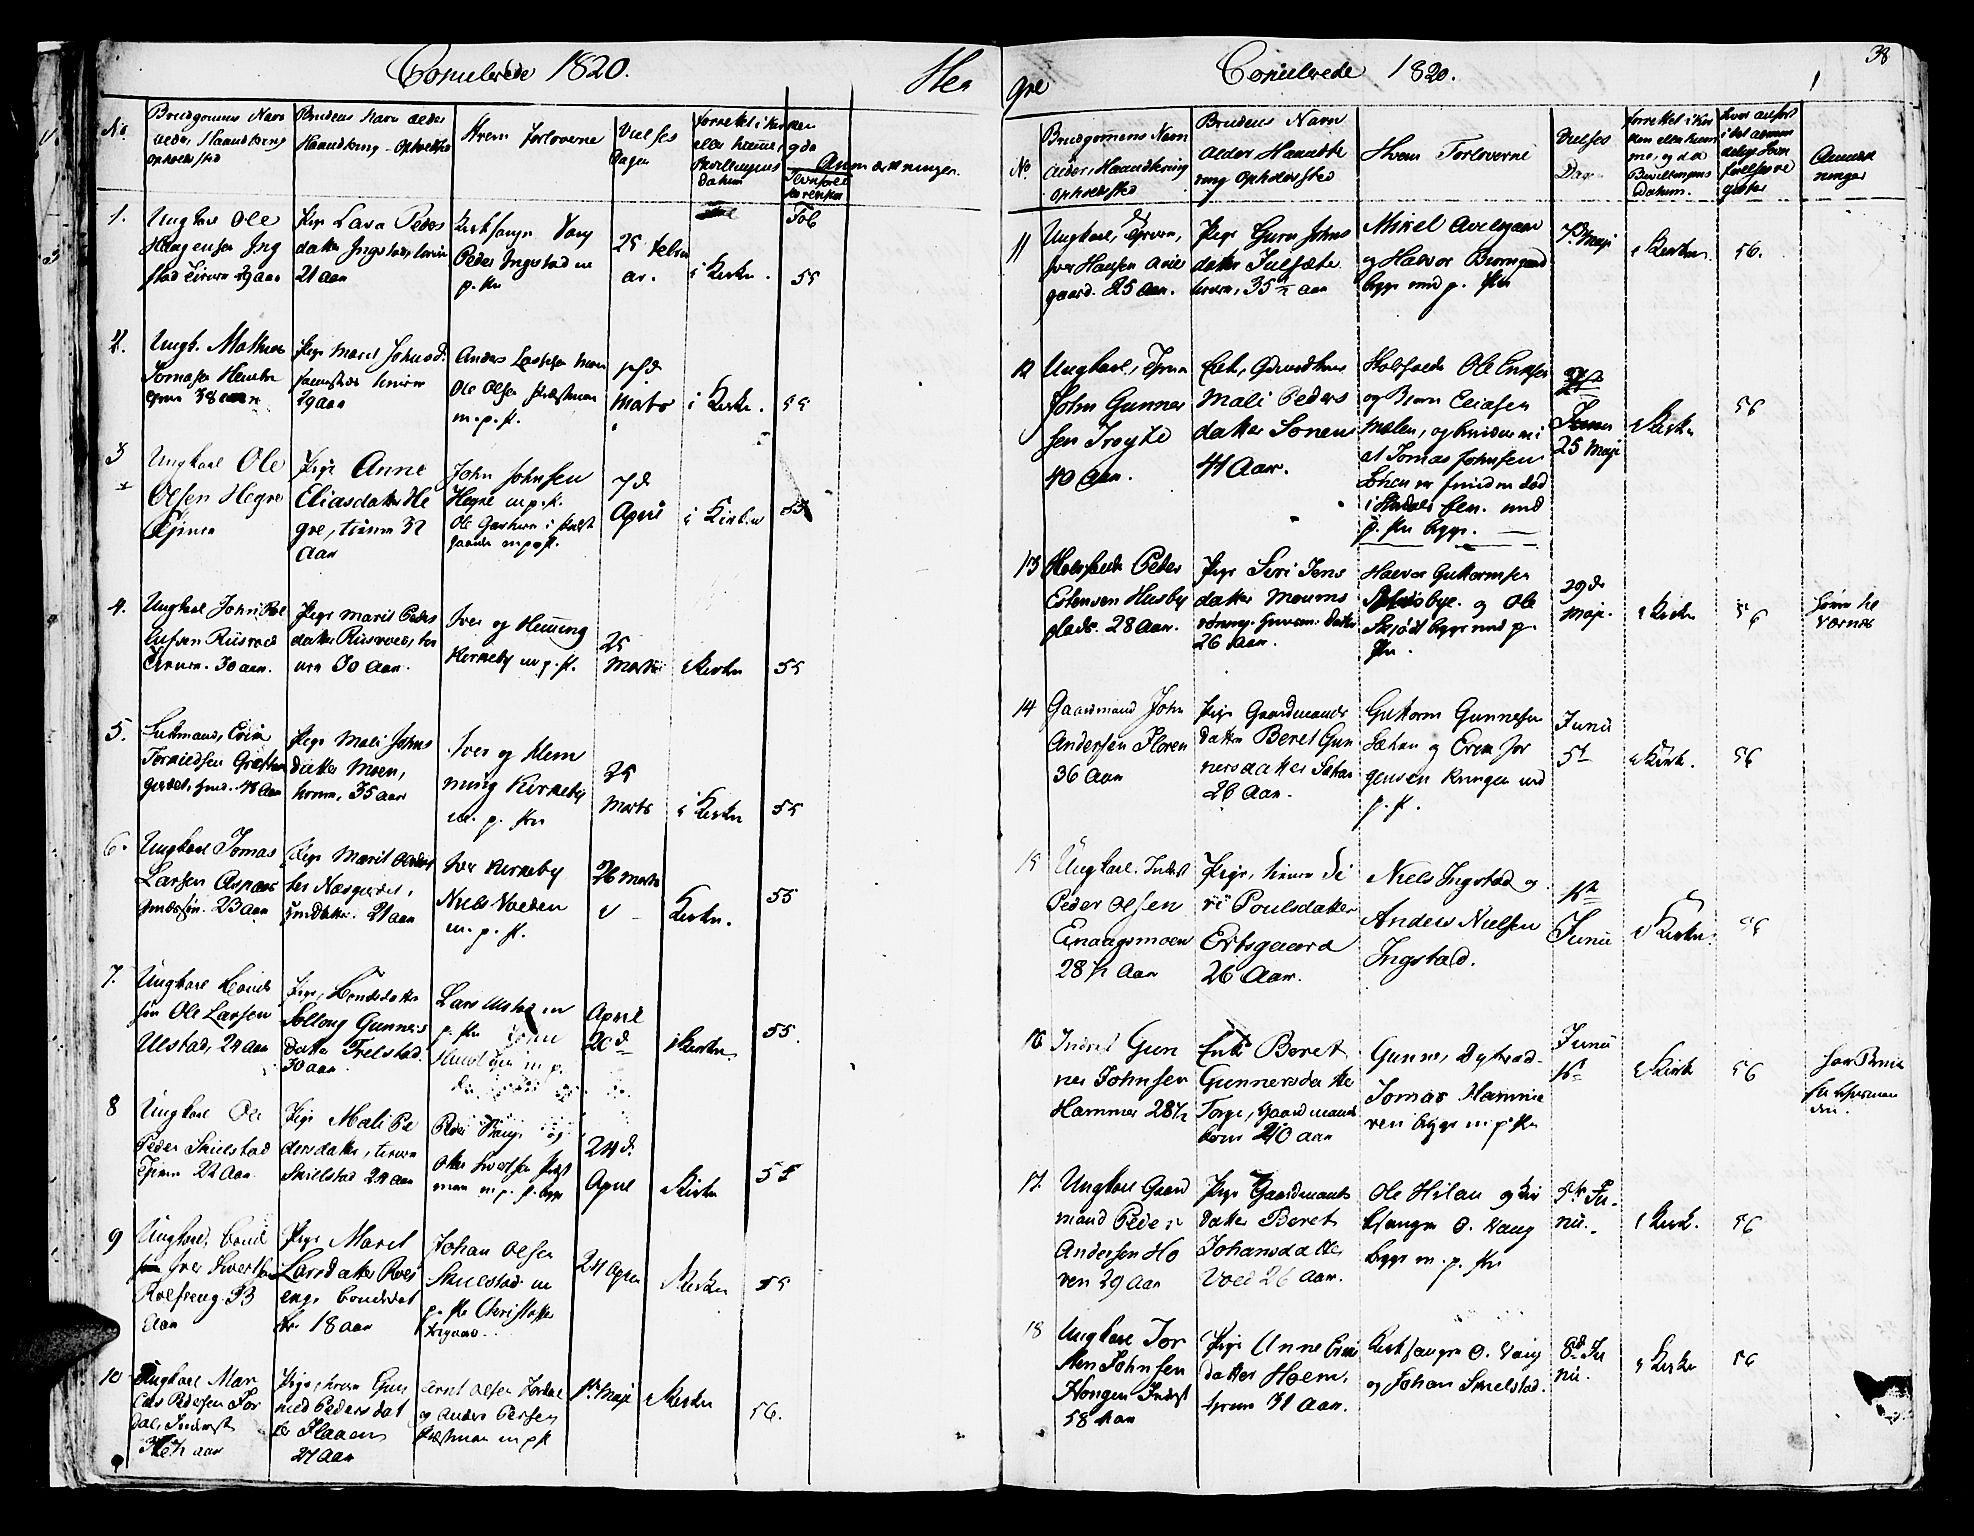 SAT, Ministerialprotokoller, klokkerbøker og fødselsregistre - Nord-Trøndelag, 709/L0065: Ministerialbok nr. 709A09 /4, 1820-1821, s. 38